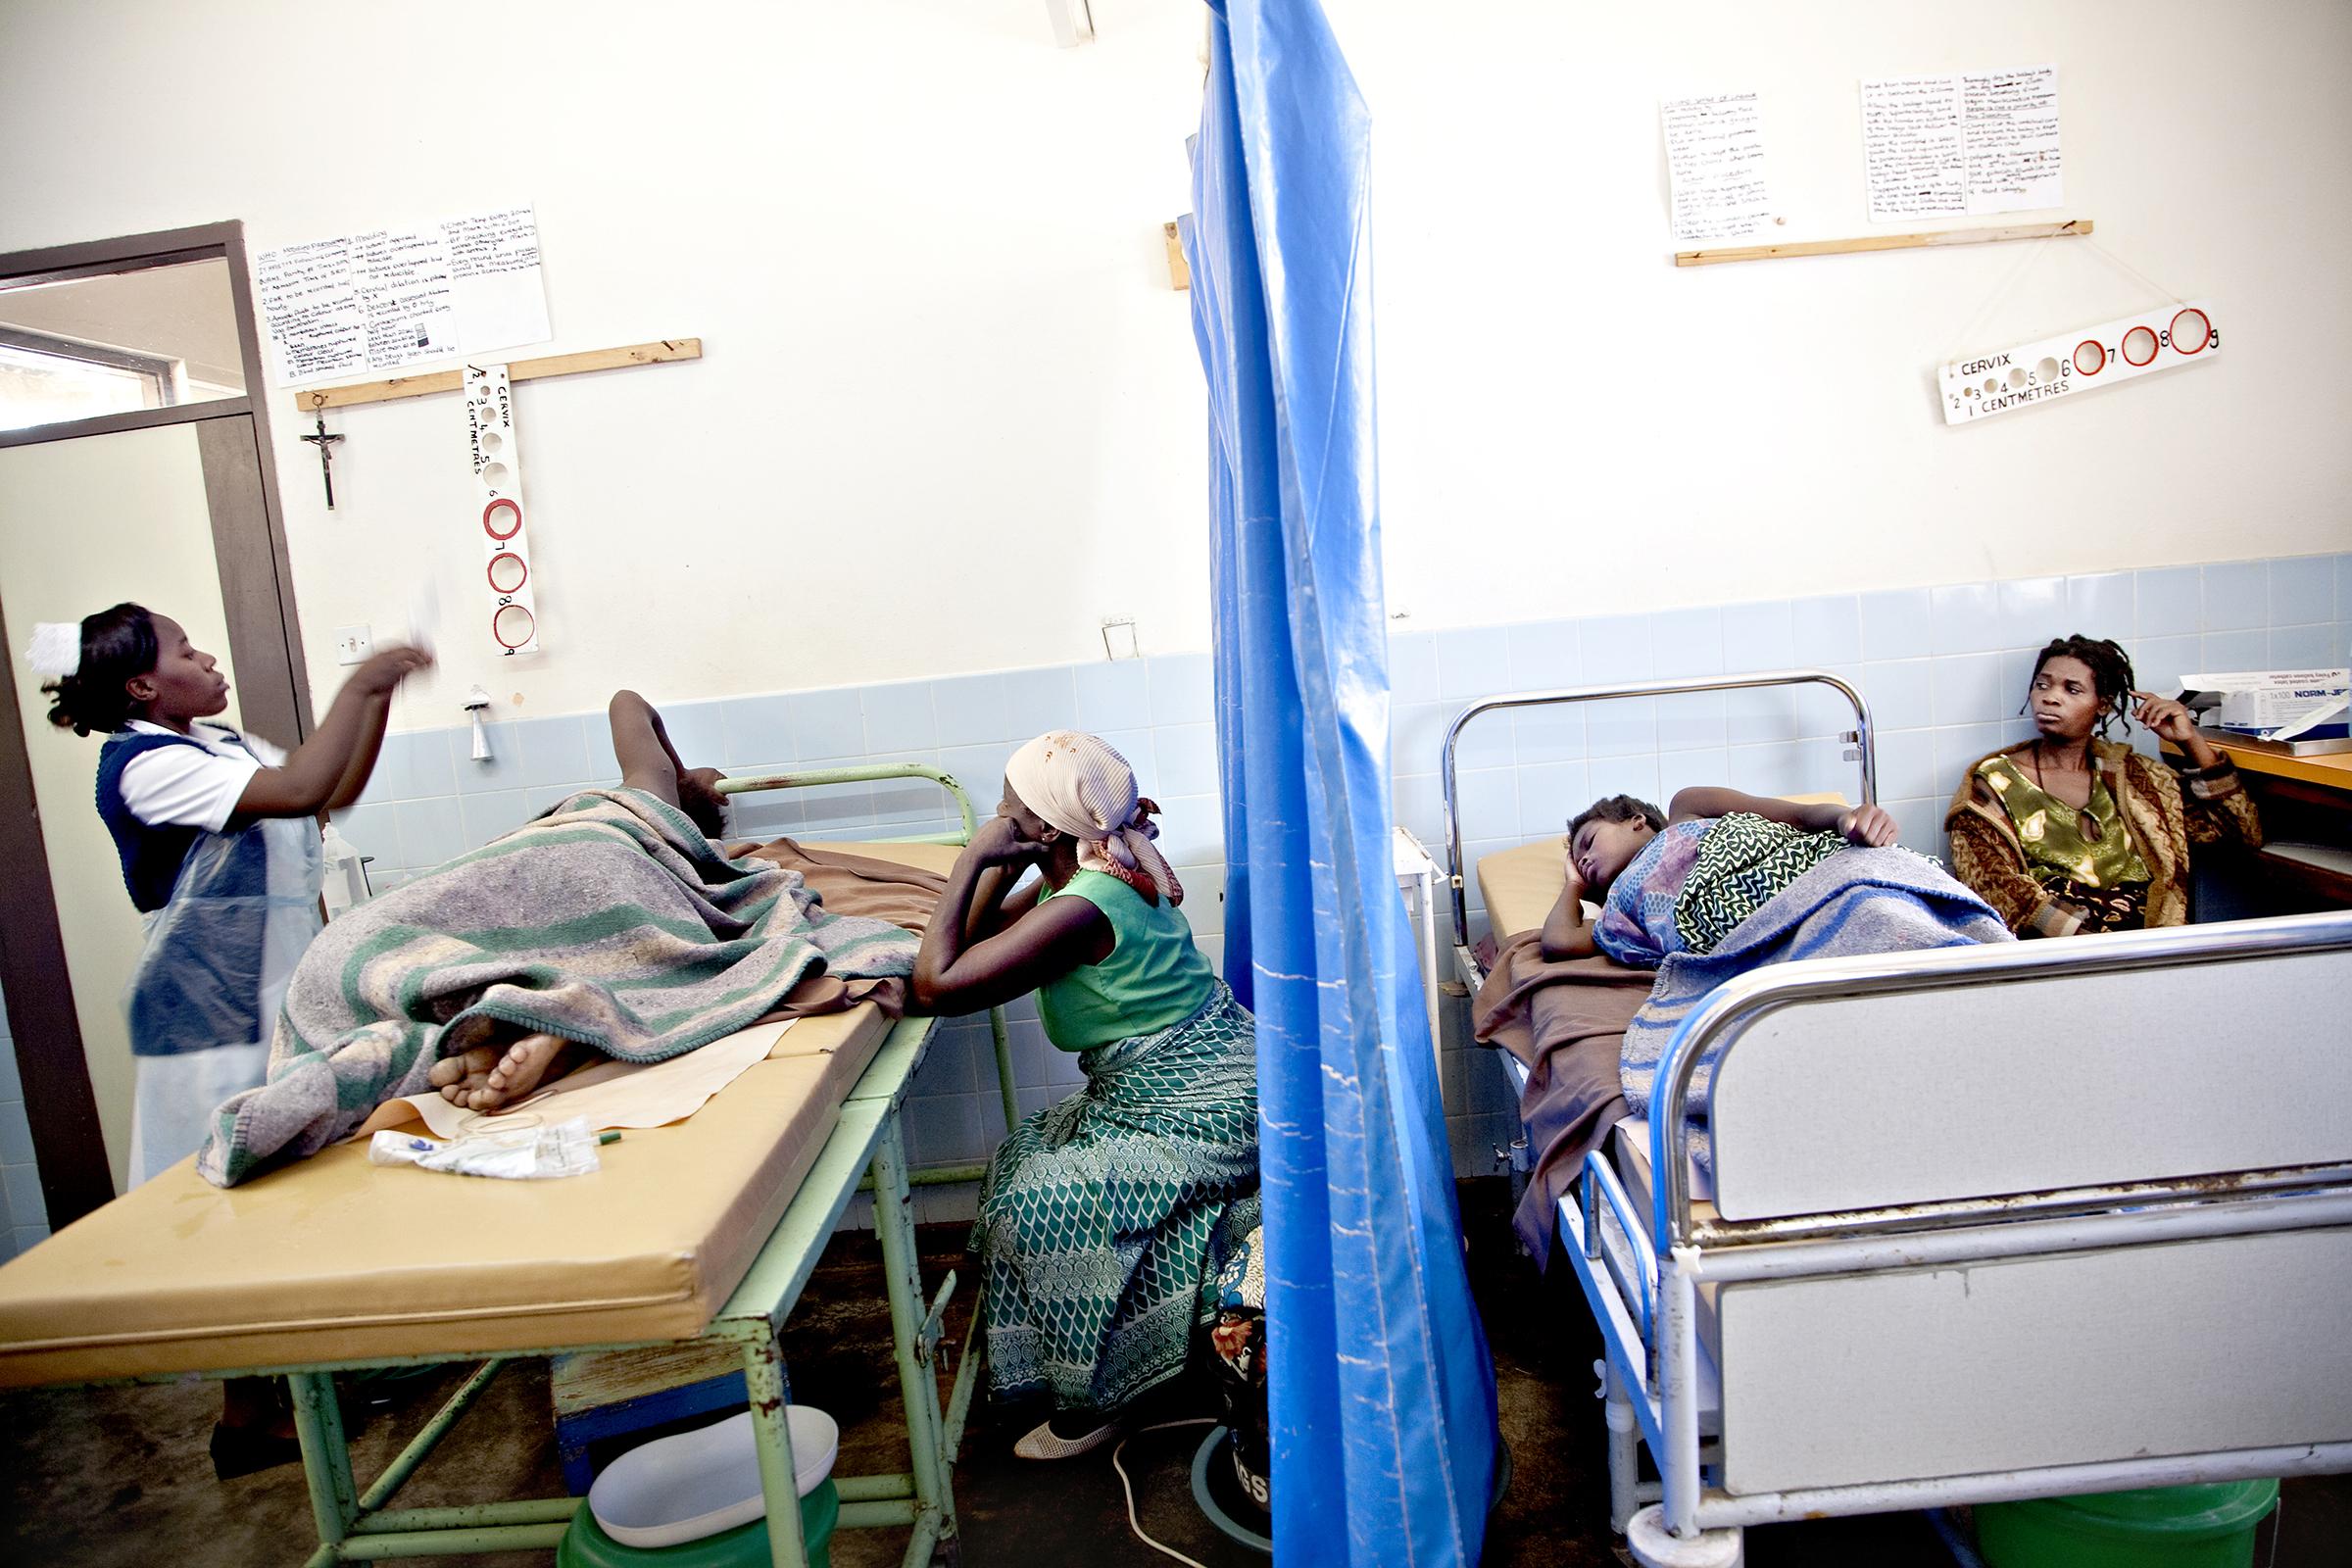 St. Joseph's Hospital, Chiradzulu, Malawi, 2010: På hver sin side av et blått plastikkforheng ligger Chrissy Andrew (34) og Modester Mosamba (16) og føder. Andrew har fire barn fra før, men dette svangerskapet ble annerledes. På kontroll fikk hun vite at hun er hivpositiv.